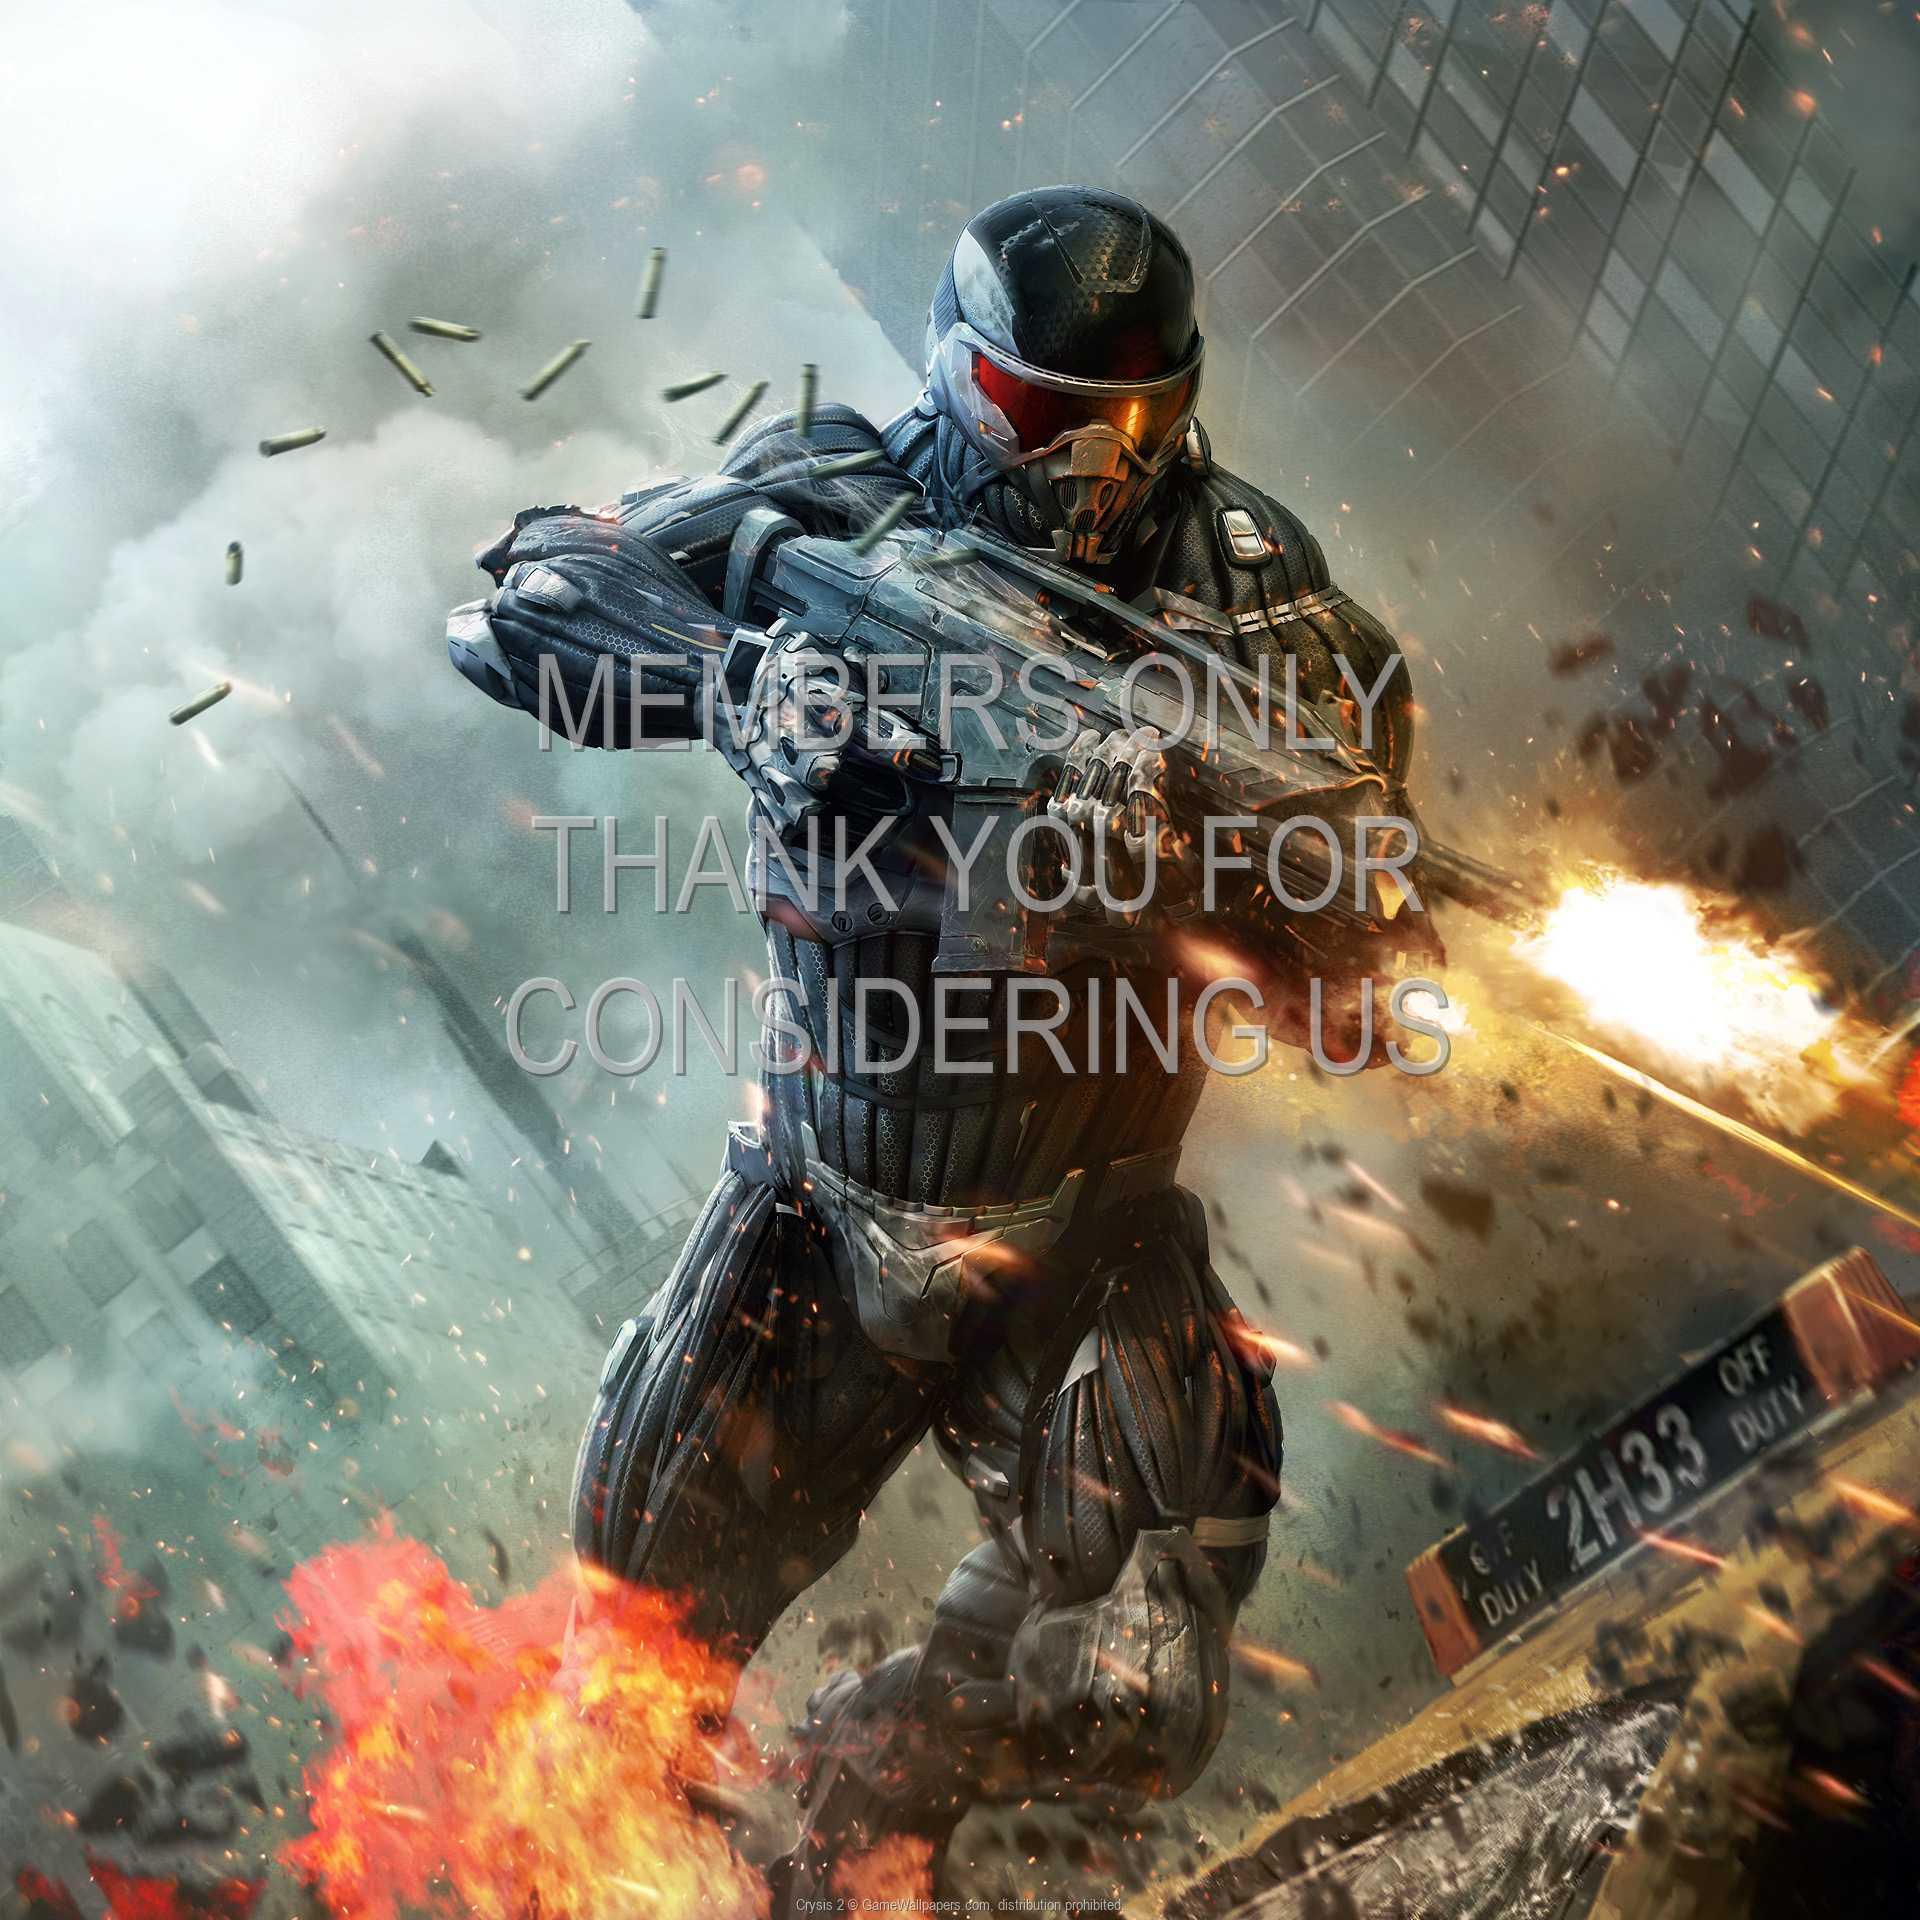 Crysis 2 1080p Horizontal Mobile fond d'écran 03